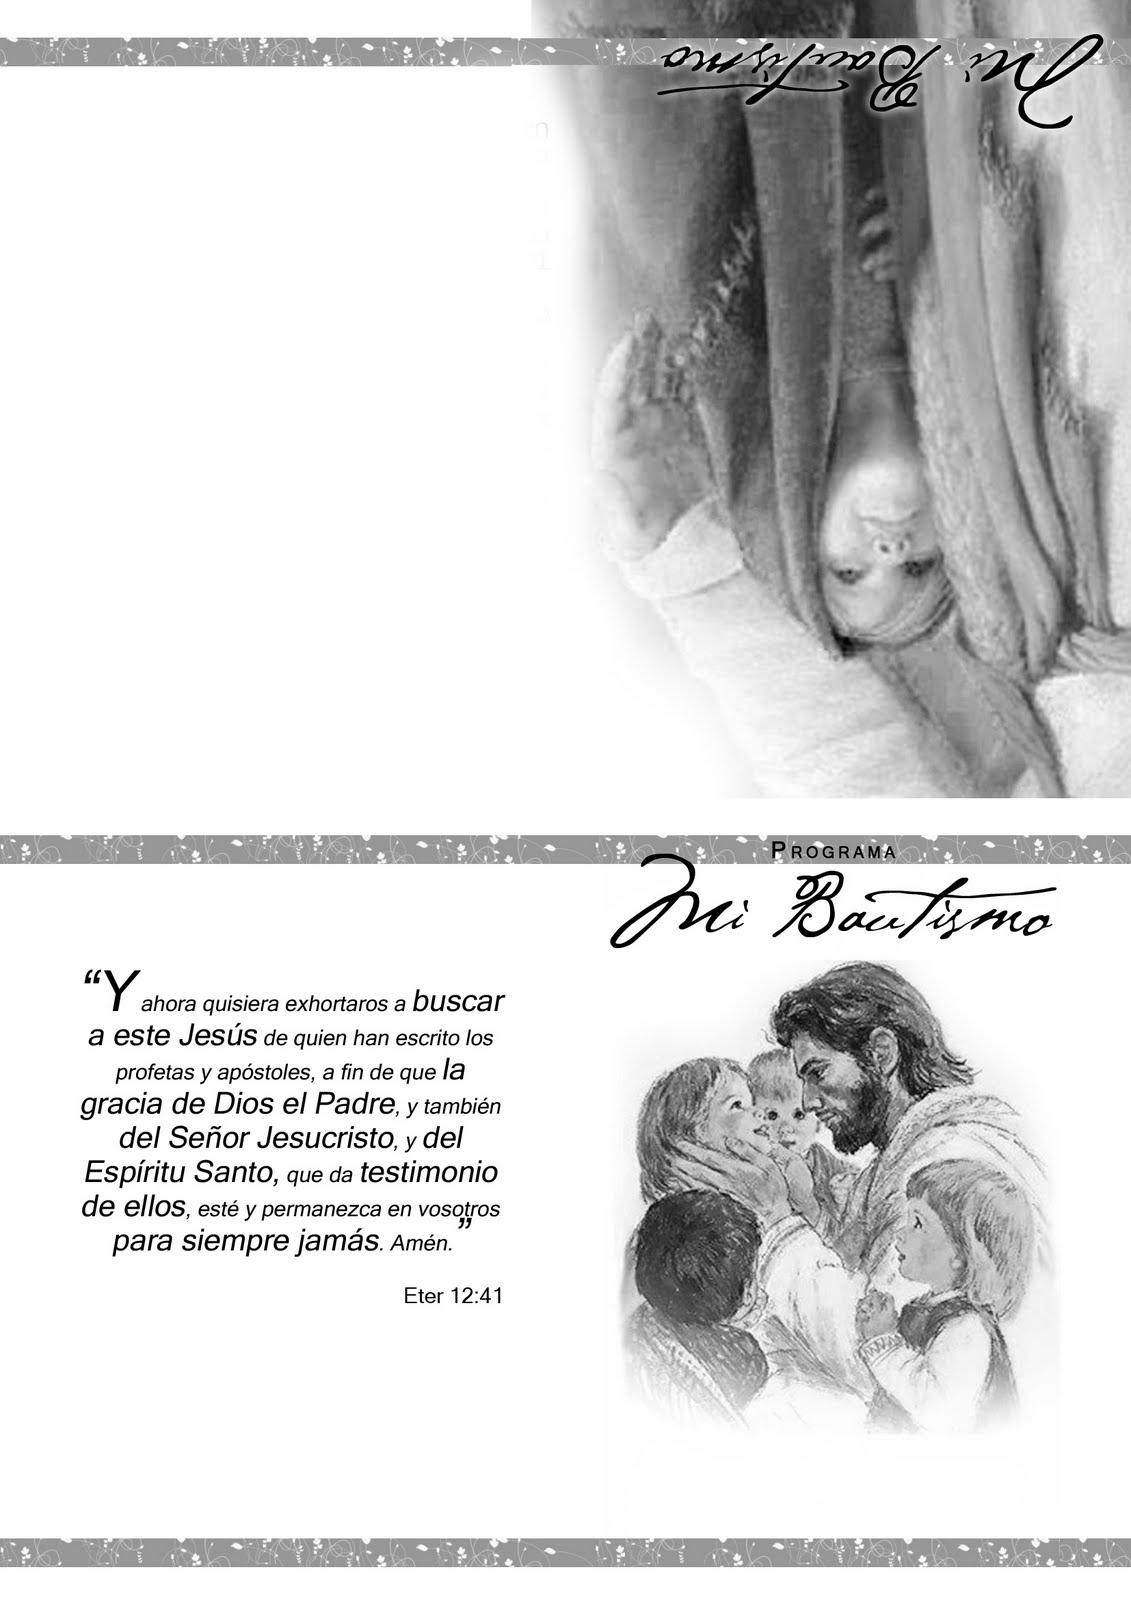 Poemas para padrinos bautismo com portal pelautscom for Poemas para bautizo